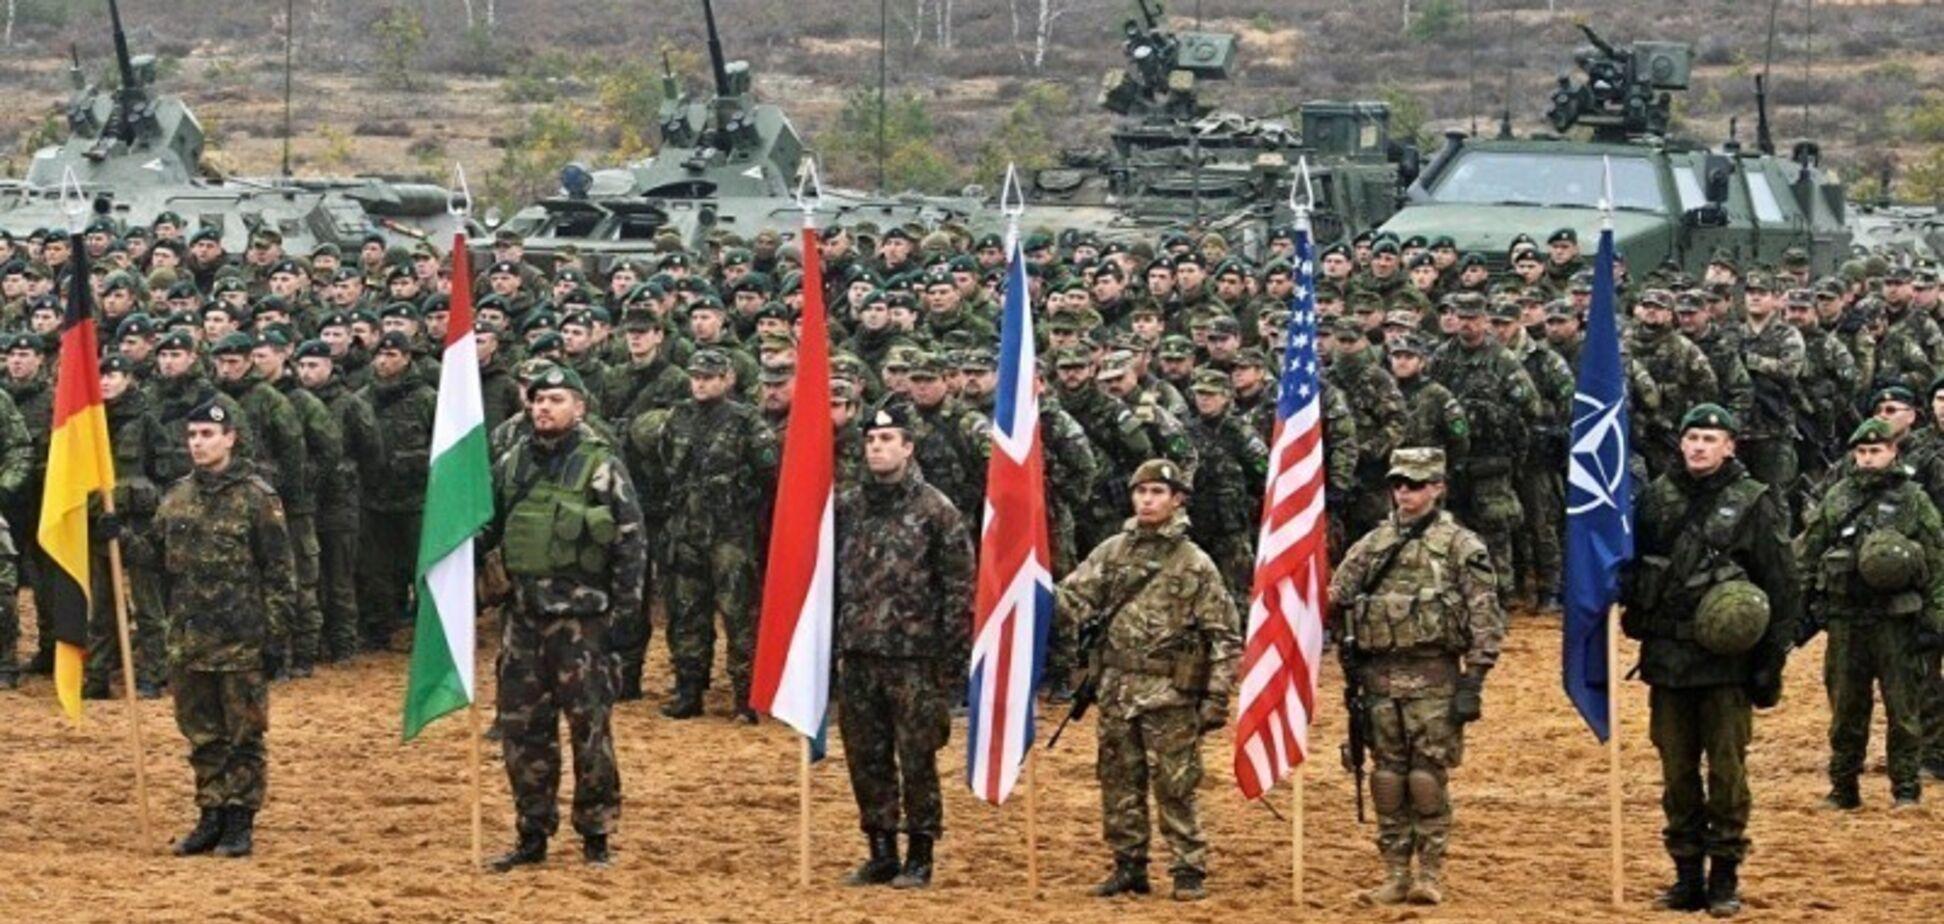 Учения НАТО: новая угроза 'миролюбивой России'?